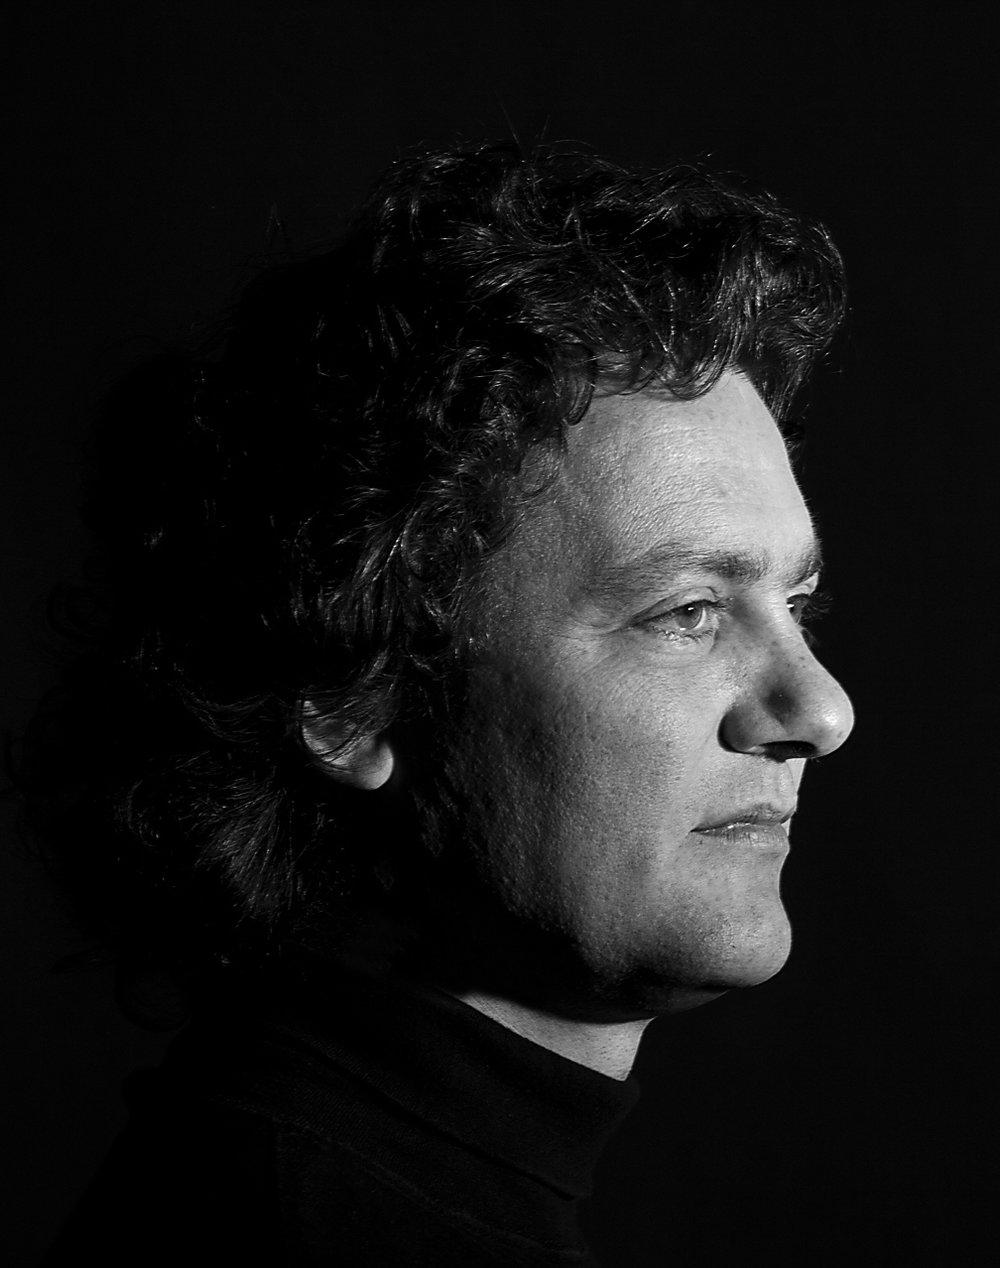 - Njål Sparbo har siden debuten i 1991 markert seg som en av Norges mest aktive og allsidige sangere, med et repertoar som dekker både opera, romanser og kirkemusikk. Gjennom sin interesse for samtidsmusikk har han medvirket på tallrike urfremføringer, sceniske oppsetninger og plateinnspillinger. Sparbo er blitt tildelt en rekke stipendier og priser. Han har hatt solistengasjementer med samtlige store kor og orkestre i Norge, og har hatt konserter i Europa, Russland, Japan, Sør-Korea og USA. Han opptrer jevnlig på festivaler, operascener, i radio og TV, og har 30 plateinnspillinger bak seg.Foto: Elisabeth Wathne